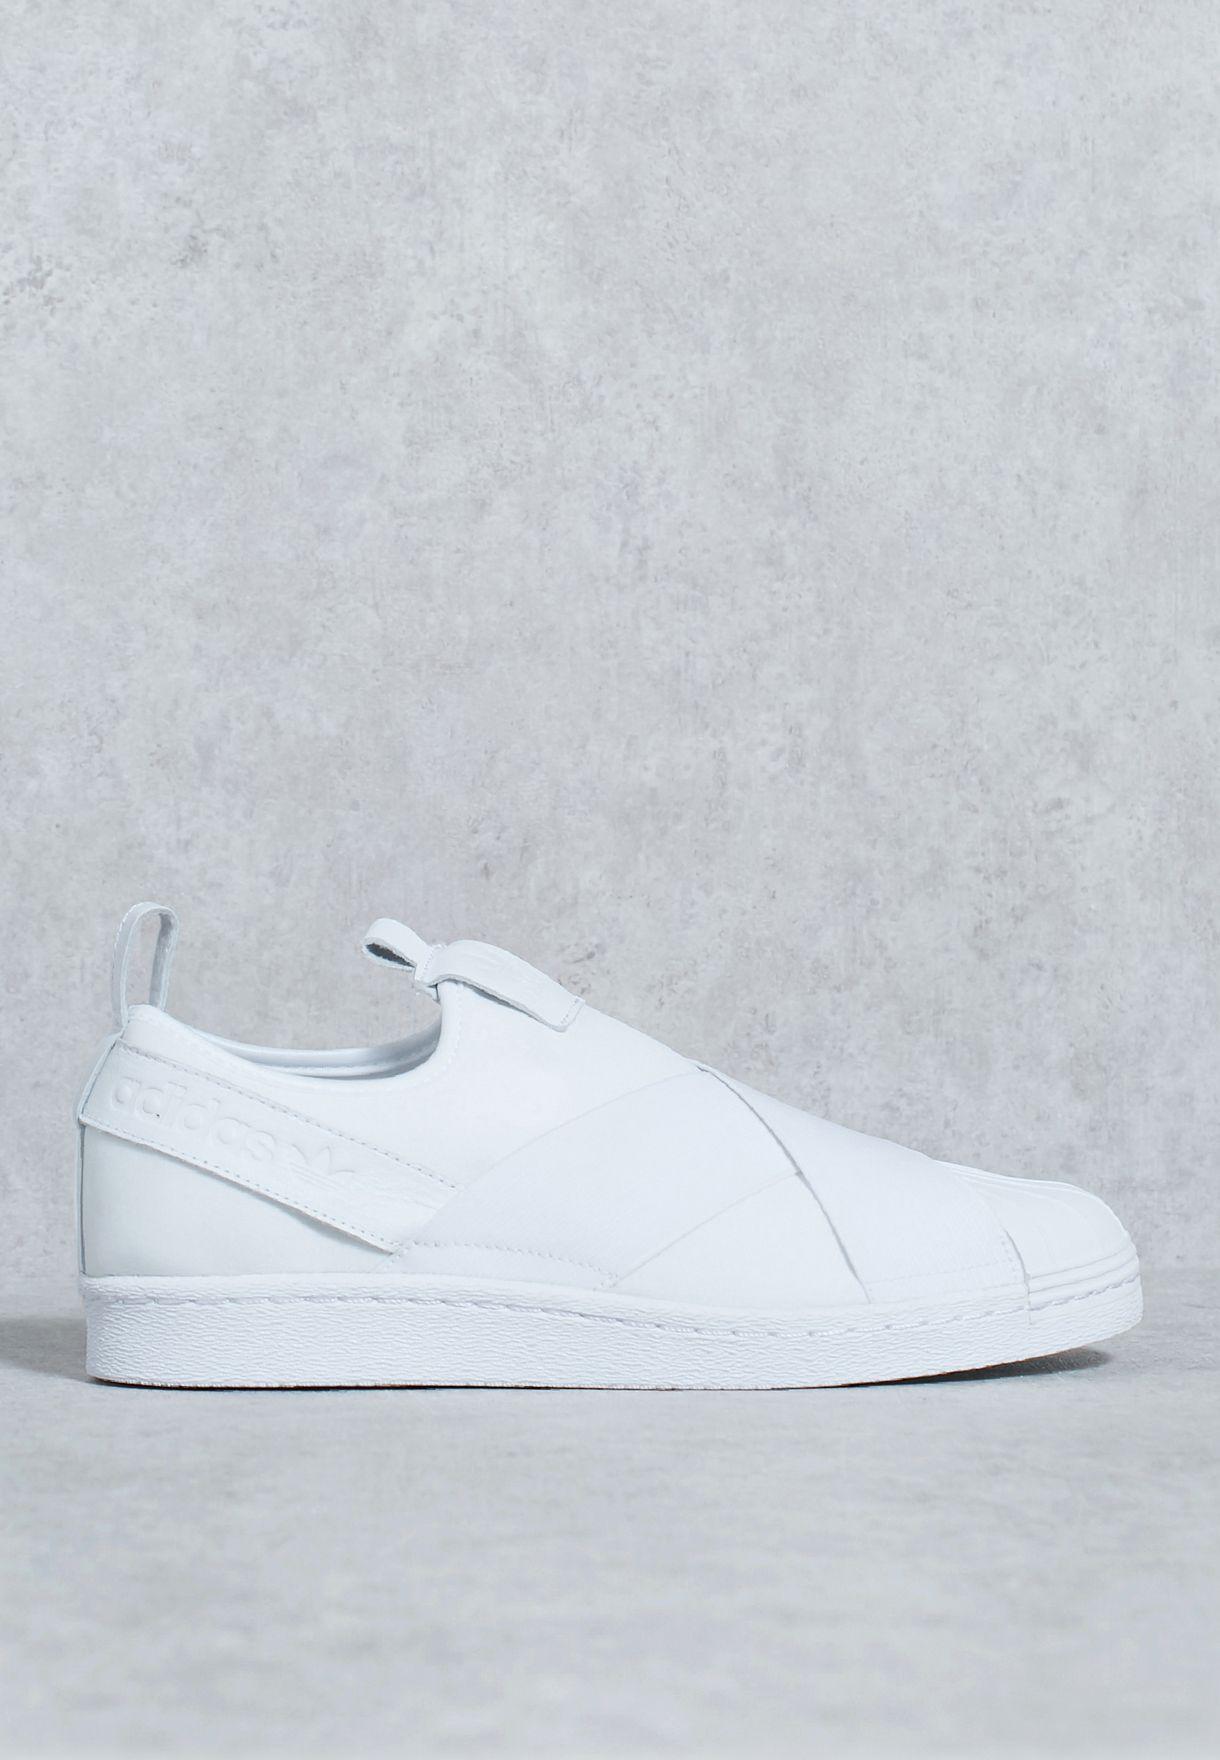 Tienda adidas Originals Superstar Kit escape Slip - on bz0111 para hombres en blanco